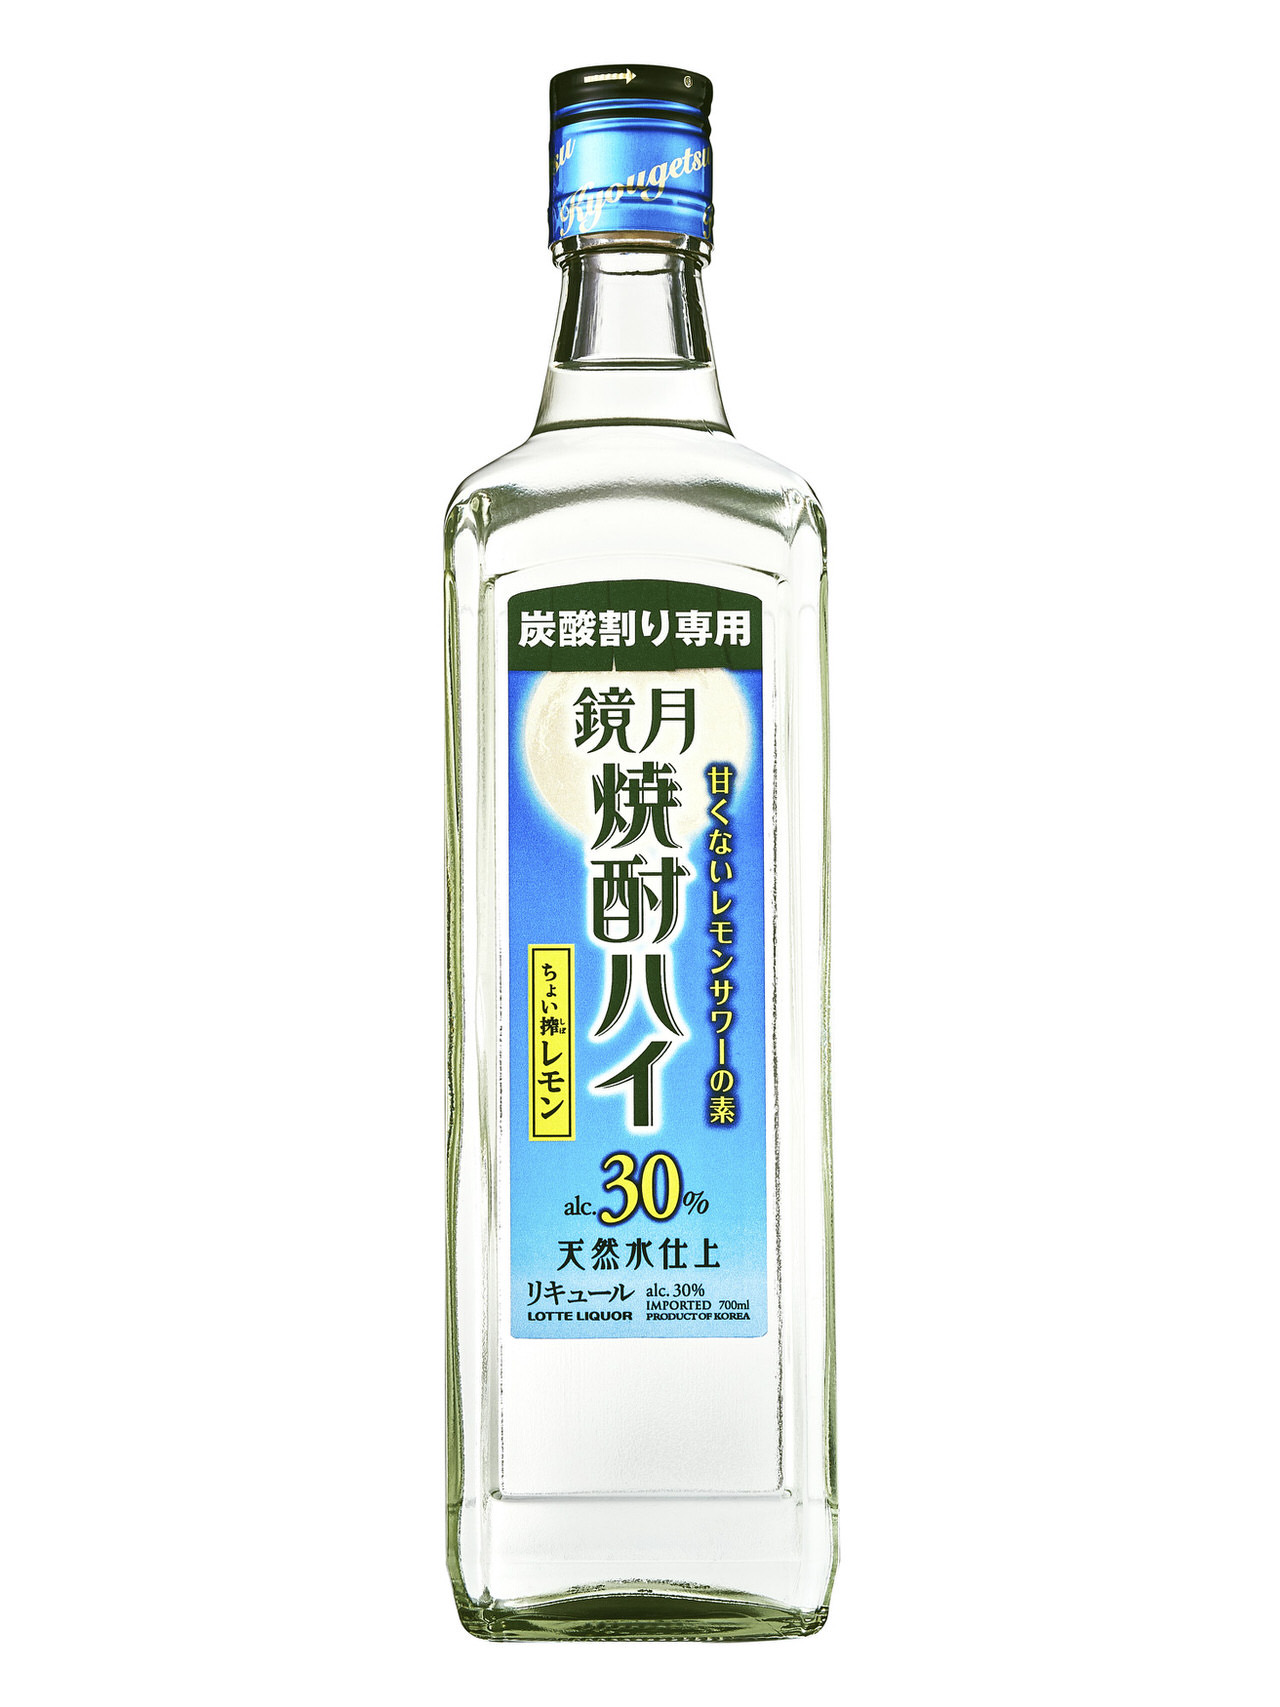 甘くない&ドライ「鏡月焼酎ハイ350ml缶〈ちょい搾レモン〉〈すっきりドライ〉」と「炭酸割り専用 鏡月焼酎ハイ700ml瓶」3月2日より発売 4